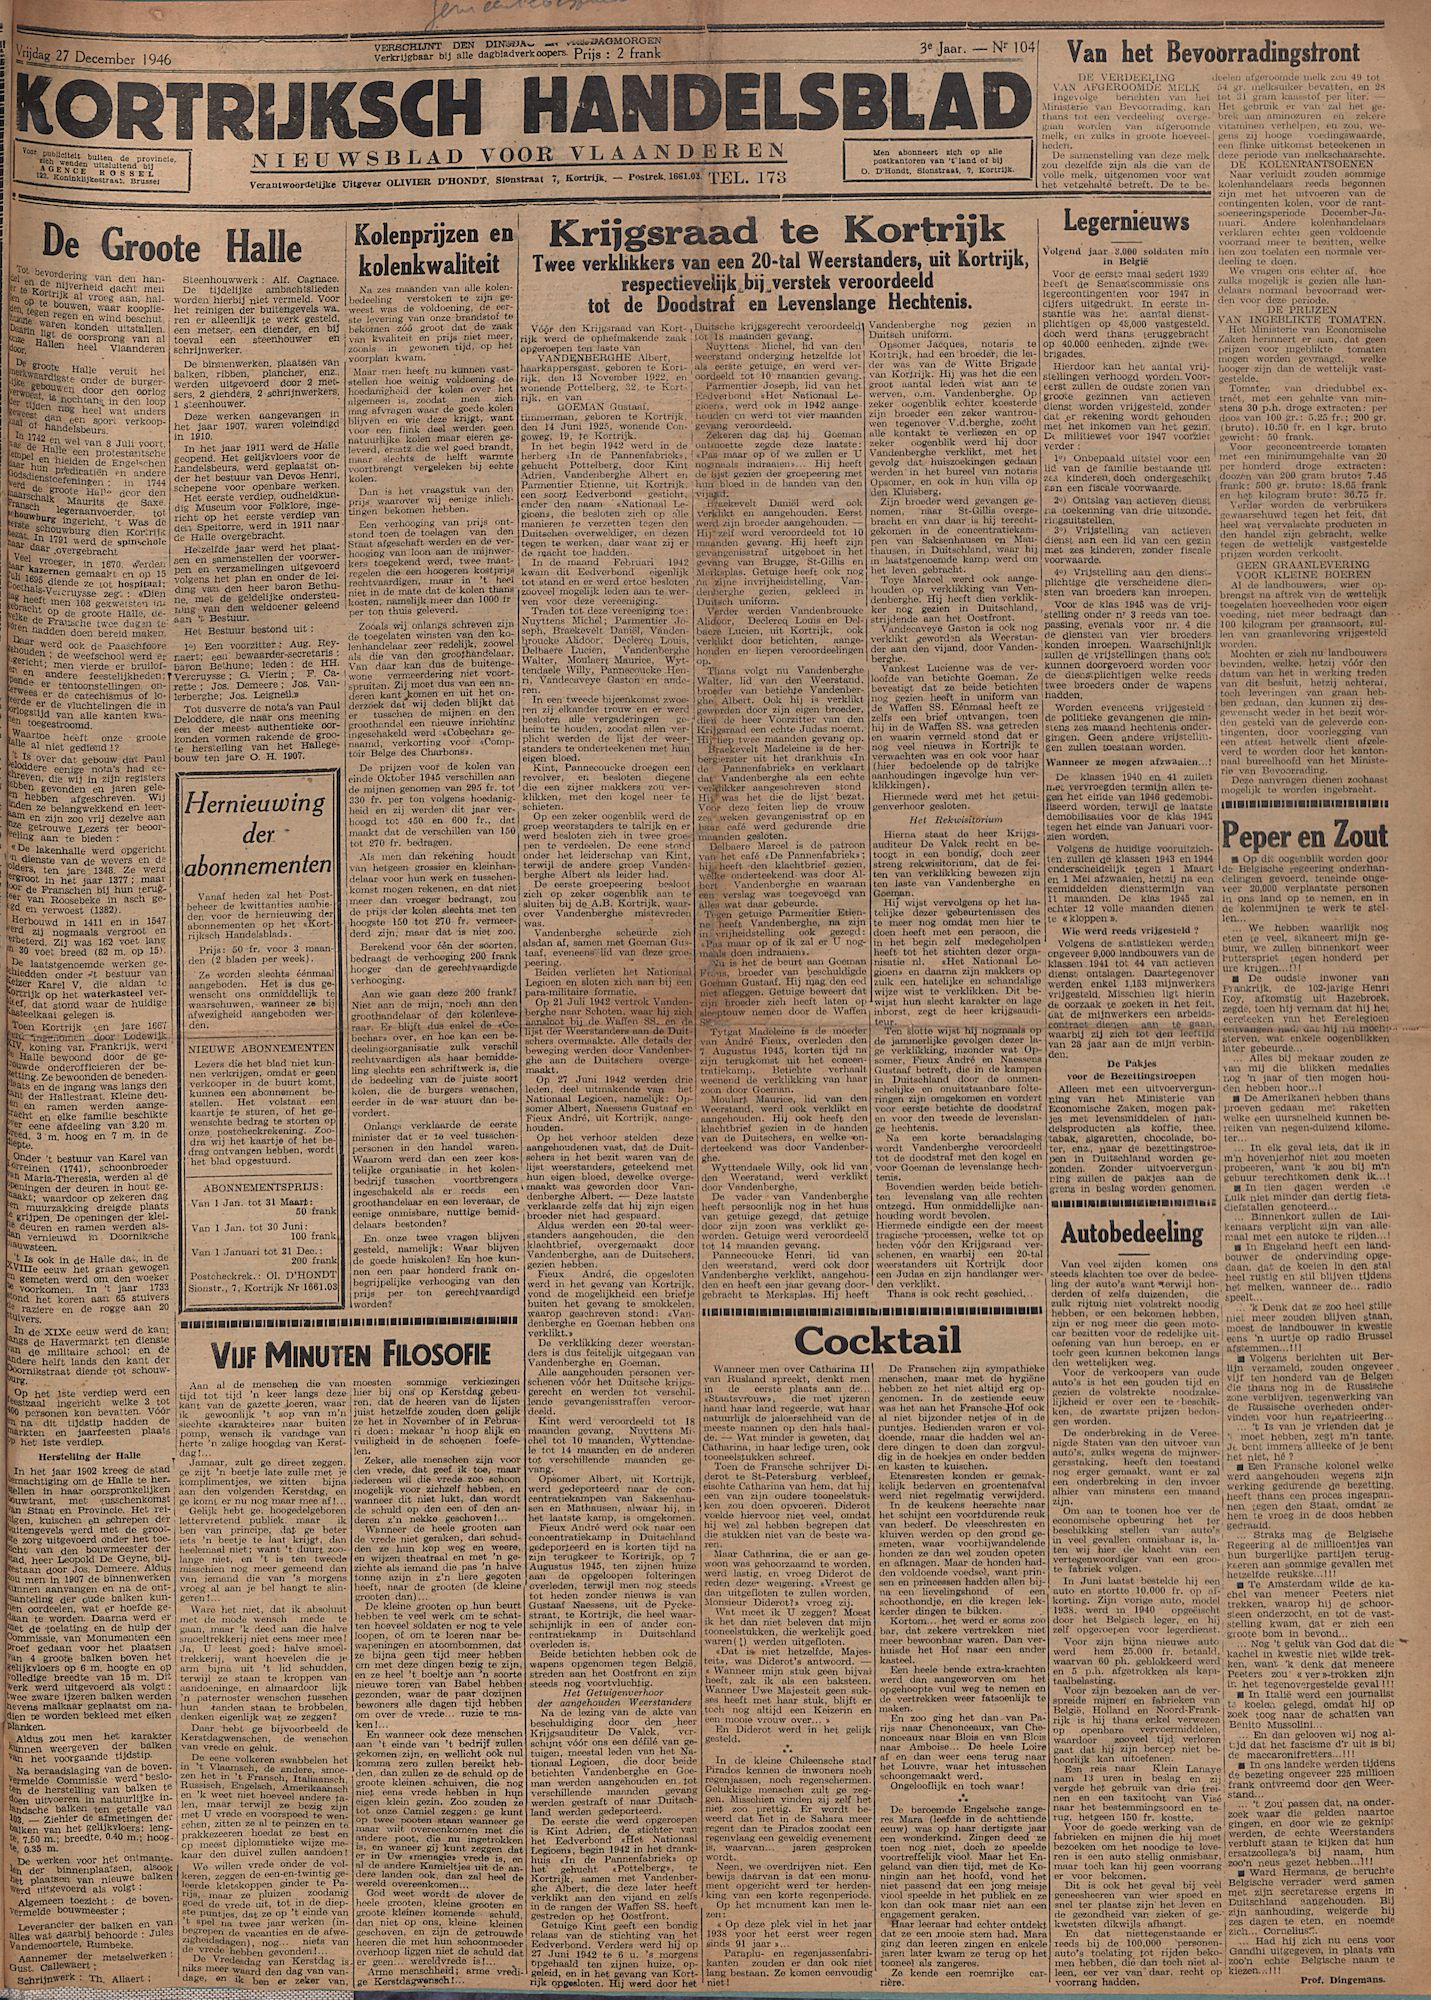 Kortrijksch Handelsblad 27 december 1946 Nr104 p1